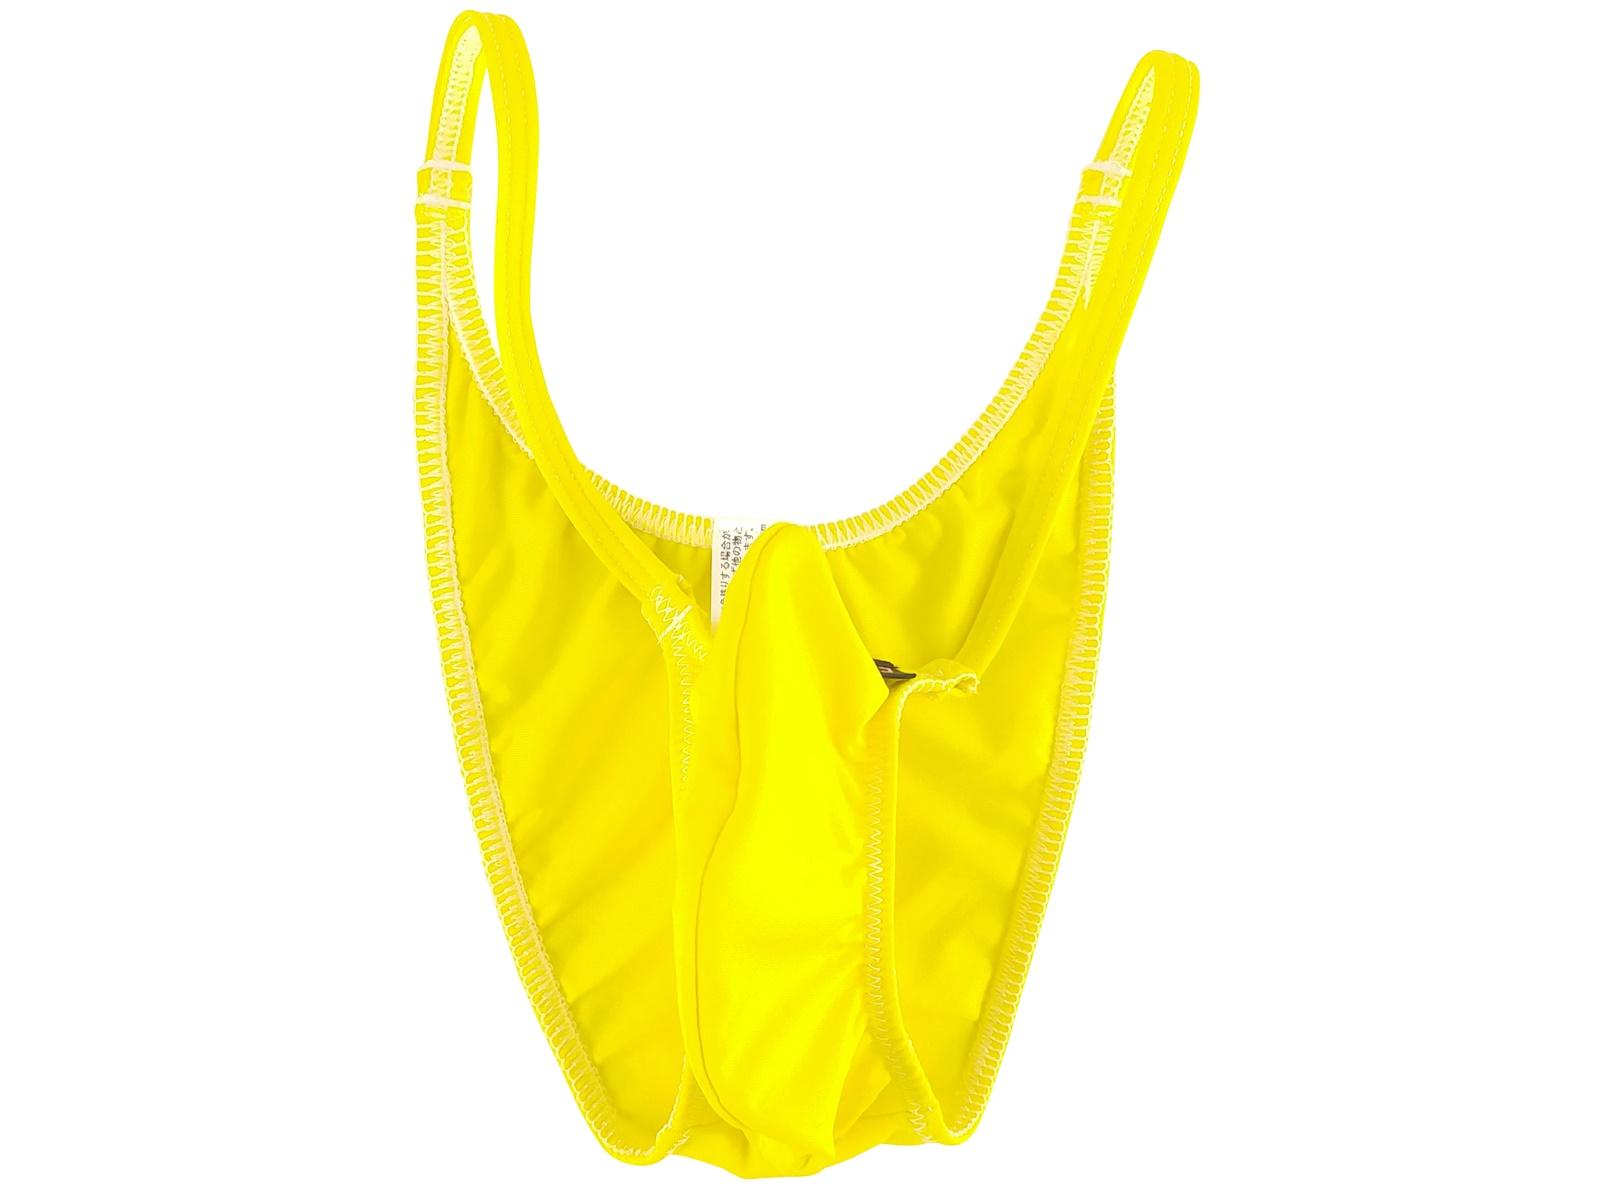 【40%OFF】メンズ シグナルカラーフルシーム上向きハーフバック 水着(2007910)